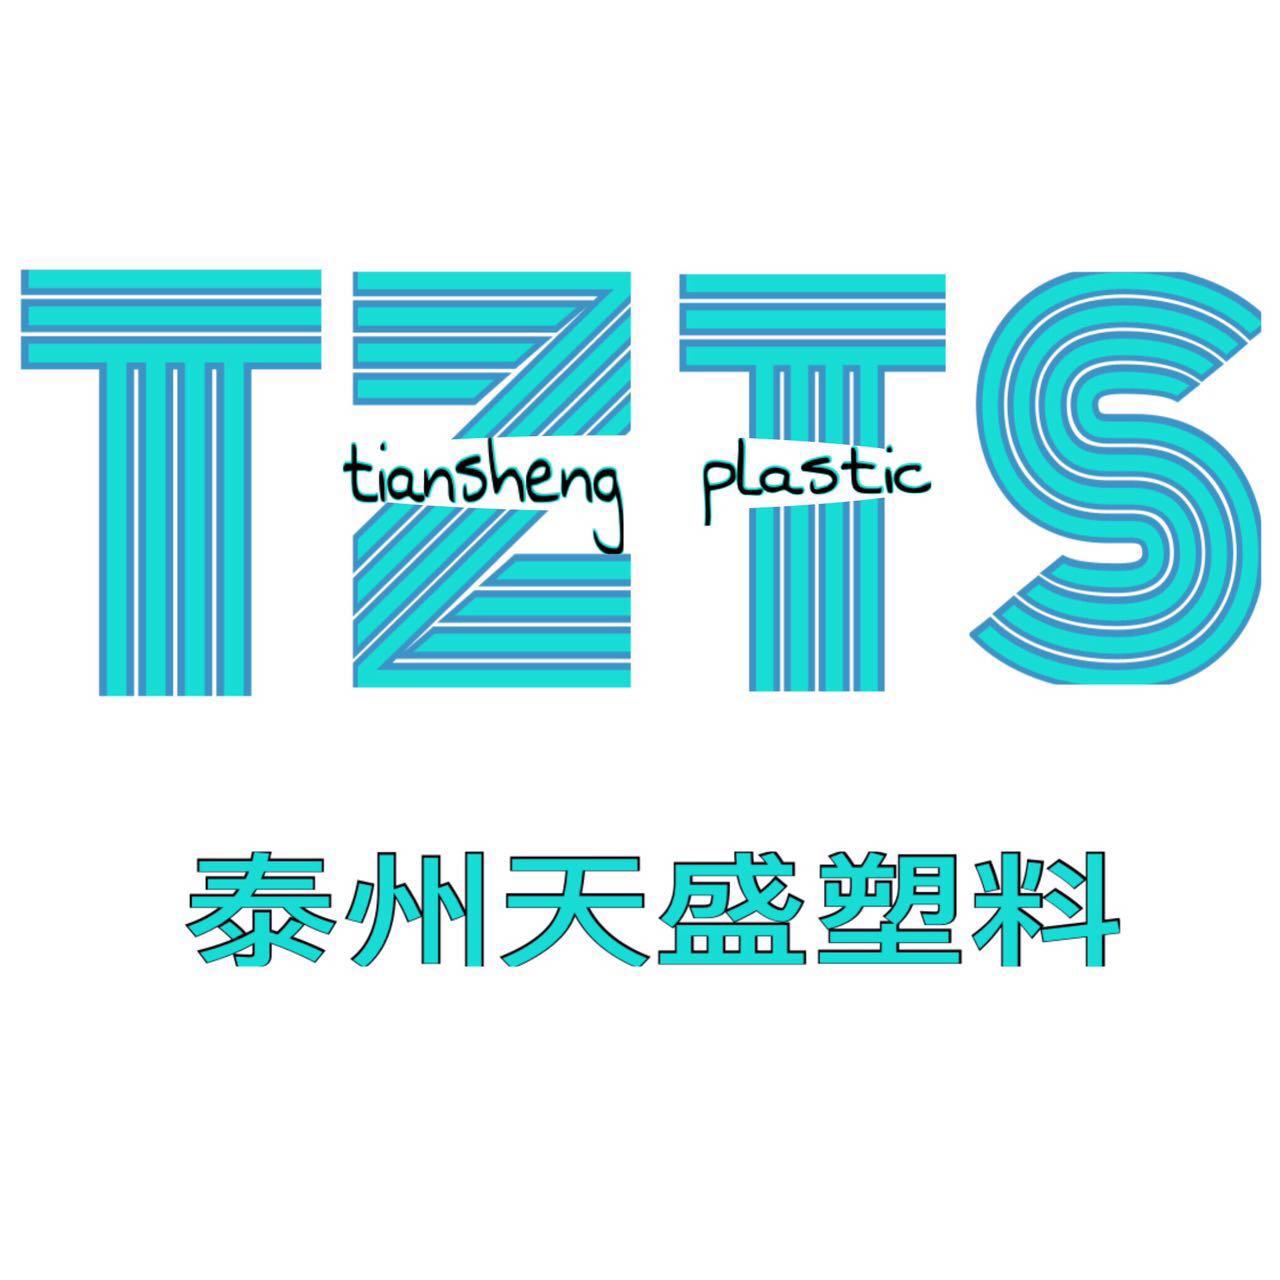 泰州天盛塑料科技有限公司图片